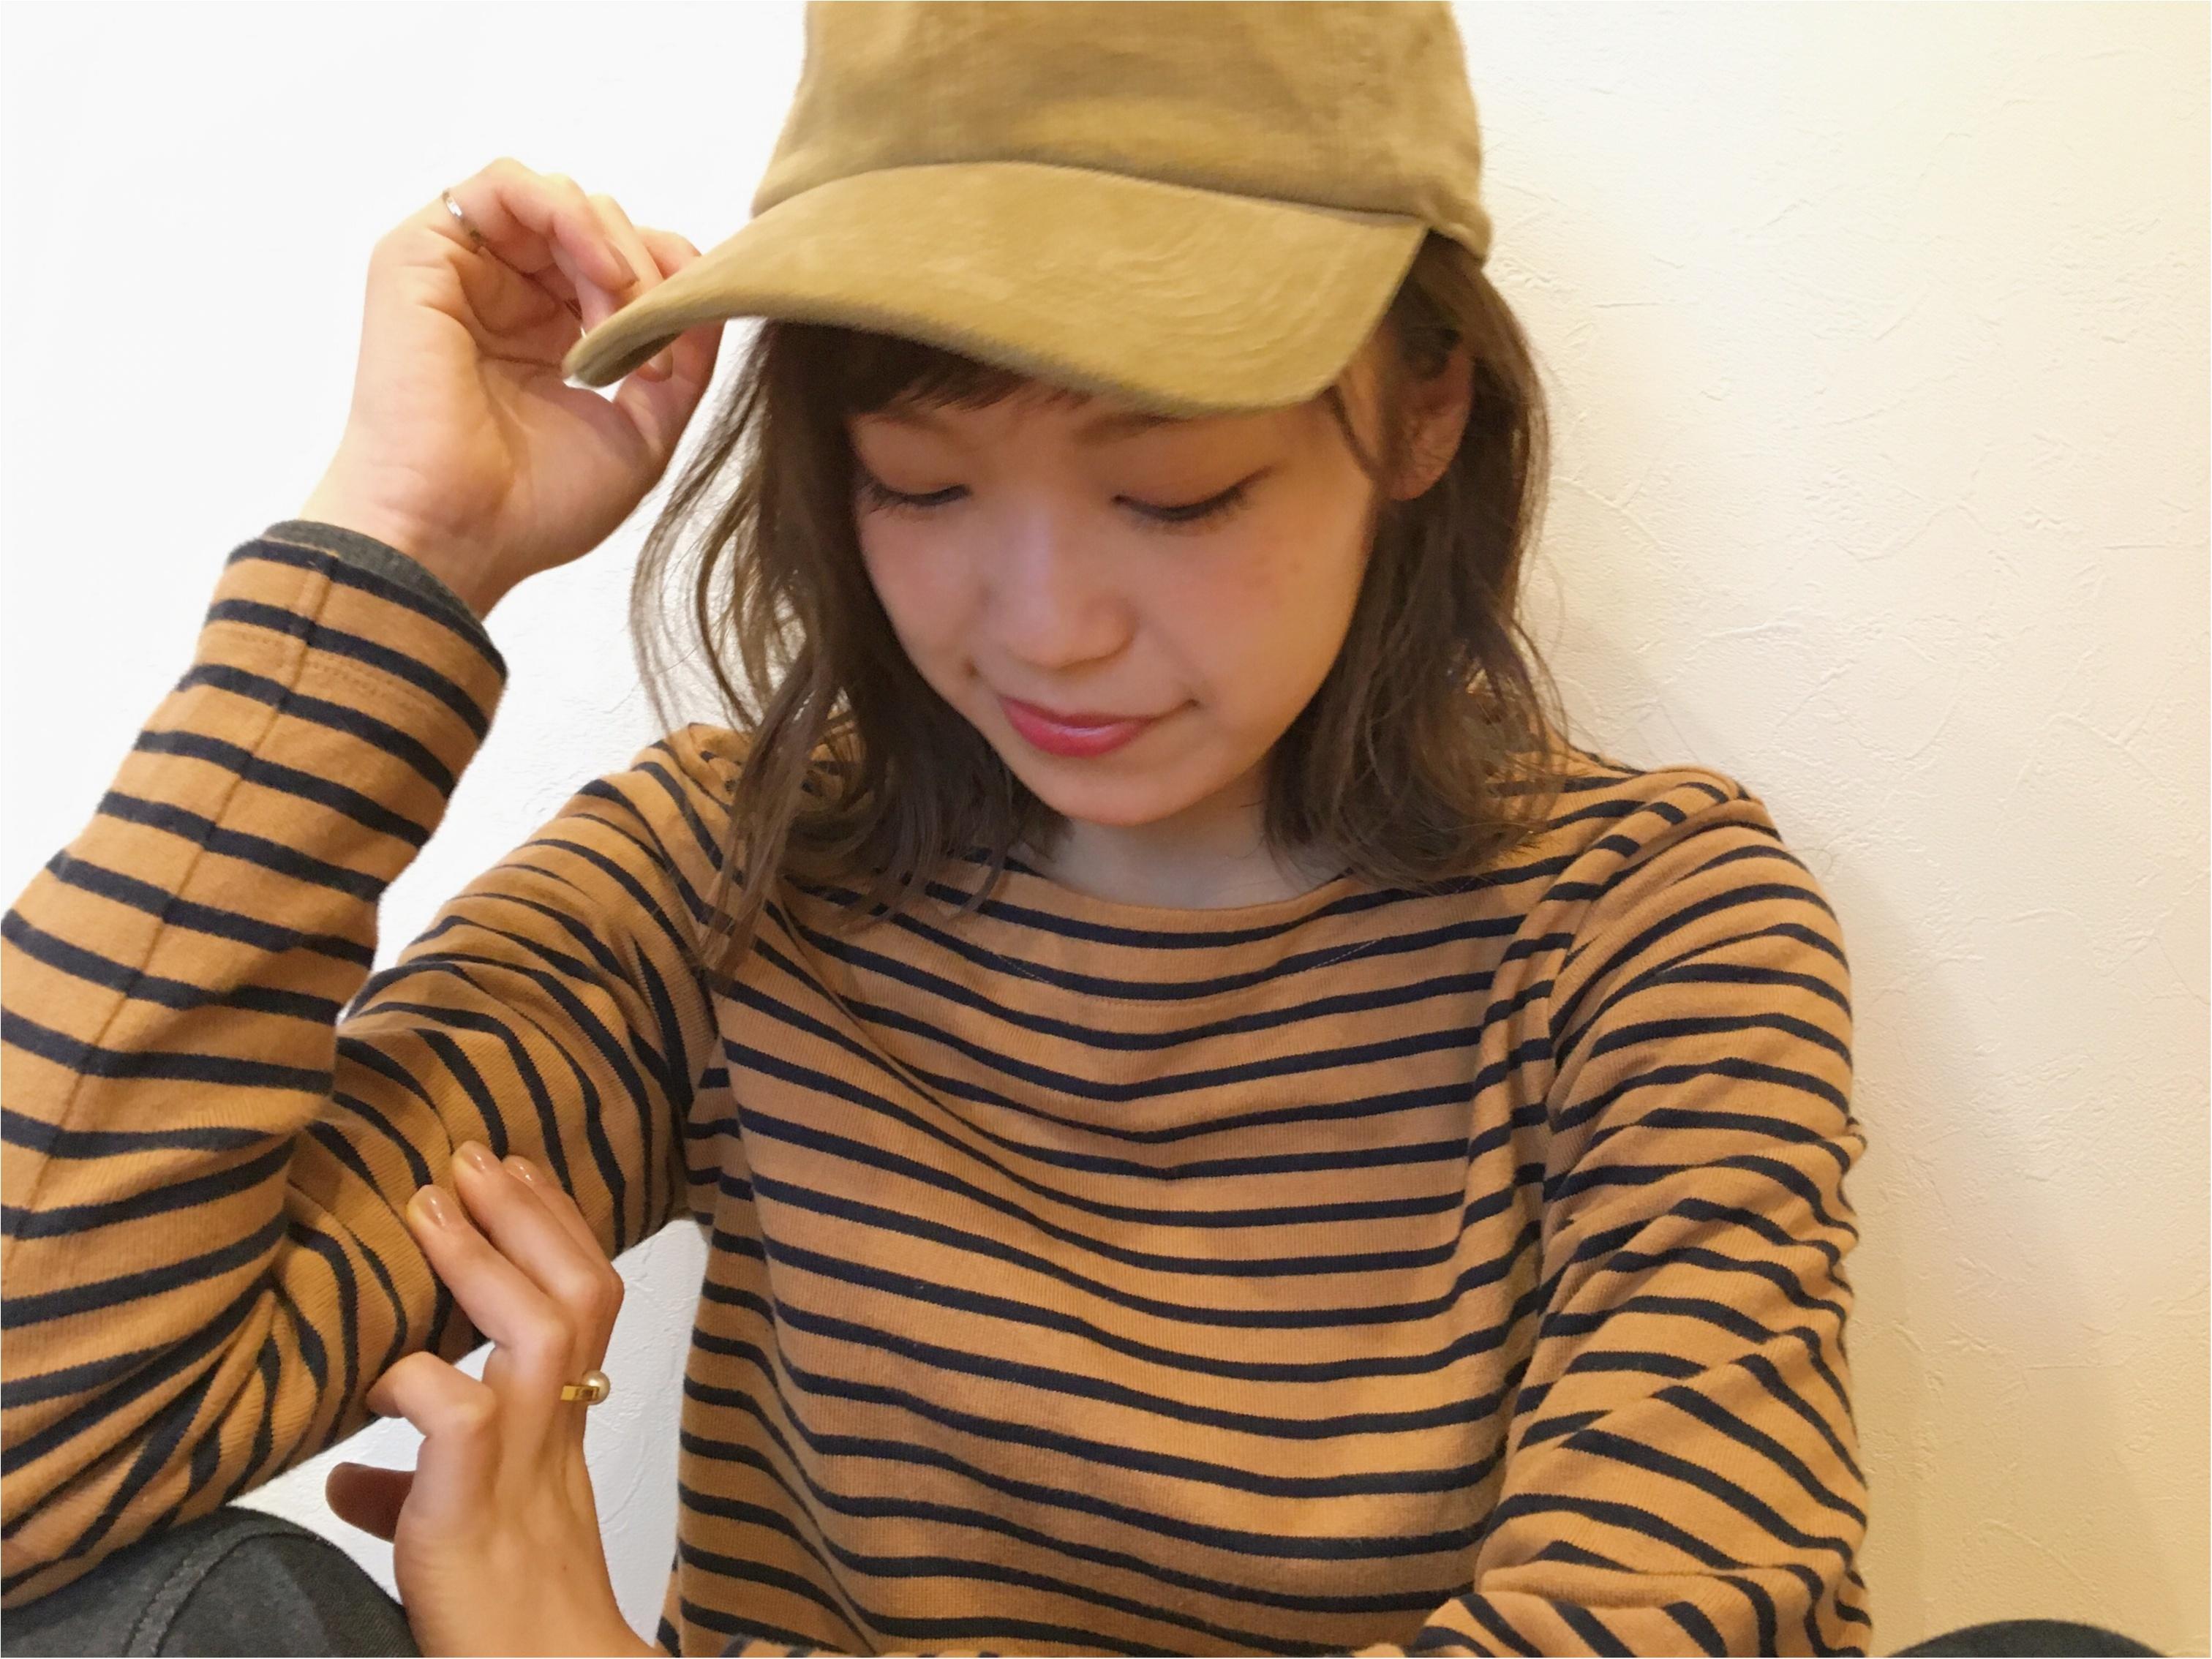 ★人気のウールキャップがなんと500円?!UNIQLOへ急げ〜!!_3